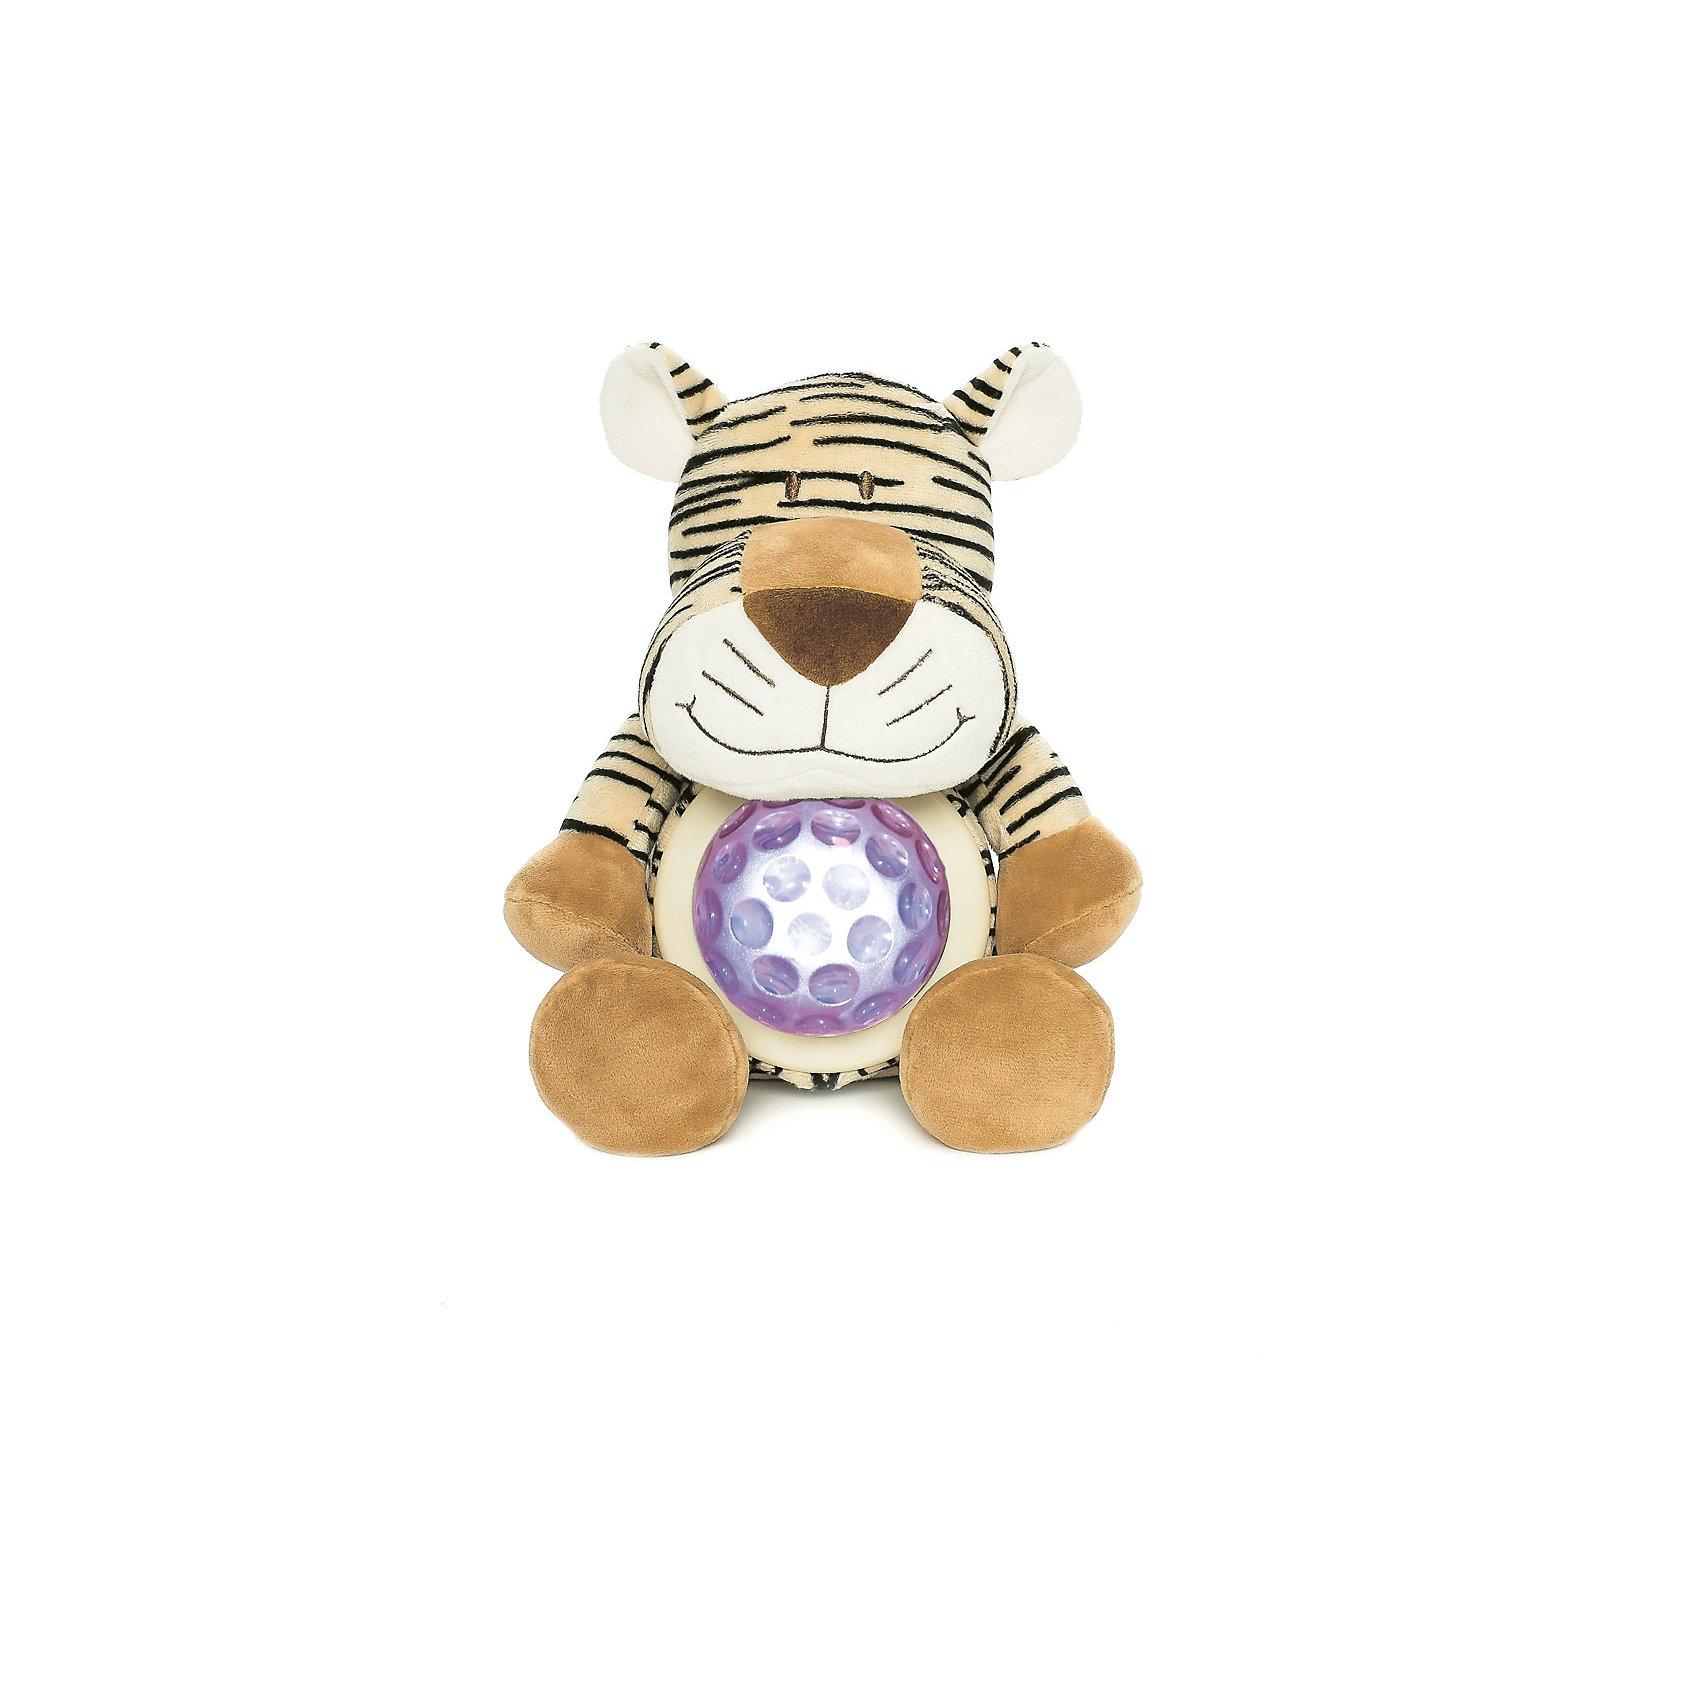 Ночник Тигр, Динглисар, TeddykompanietНочники и проекторы<br>Ночник Тигр, Динглисар, Teddykompaniet (Тэдди и компания) - подарит уют и спокойствие вашему малышу.<br>Ночник в виде милого улыбающегося тигренка создаст спокойную атмосферу, идеальную для того, чтобы малыш мог легко и быстро заснуть. Ночник проецирует звездное небо и работает в двух режимах. В первом режиме мягкий прозрачный свет, во втором режиме – меняет цвета (3 цвета). Чтобы активировать работу ночника, необходимо нажать на животик тигра. Продукция соответствует европейским и российским стандартам качества.<br><br>Дополнительная информация:<br><br>- Размер: 23 см.<br>- Материал: текстиль<br>- Предусмотрено автоматическое отключение после 10 мин непрерывной работы<br>- Батарейки: 3 типа АА (в комплект не входят)<br><br>Ночник Тигр, Динглисар, Teddykompaniet (Тэдди и компания) можно купить в нашем интернет-магазине.<br><br>Ширина мм: 250<br>Глубина мм: 150<br>Высота мм: 100<br>Вес г: 220<br>Возраст от месяцев: 0<br>Возраст до месяцев: 36<br>Пол: Унисекс<br>Возраст: Детский<br>SKU: 4902226